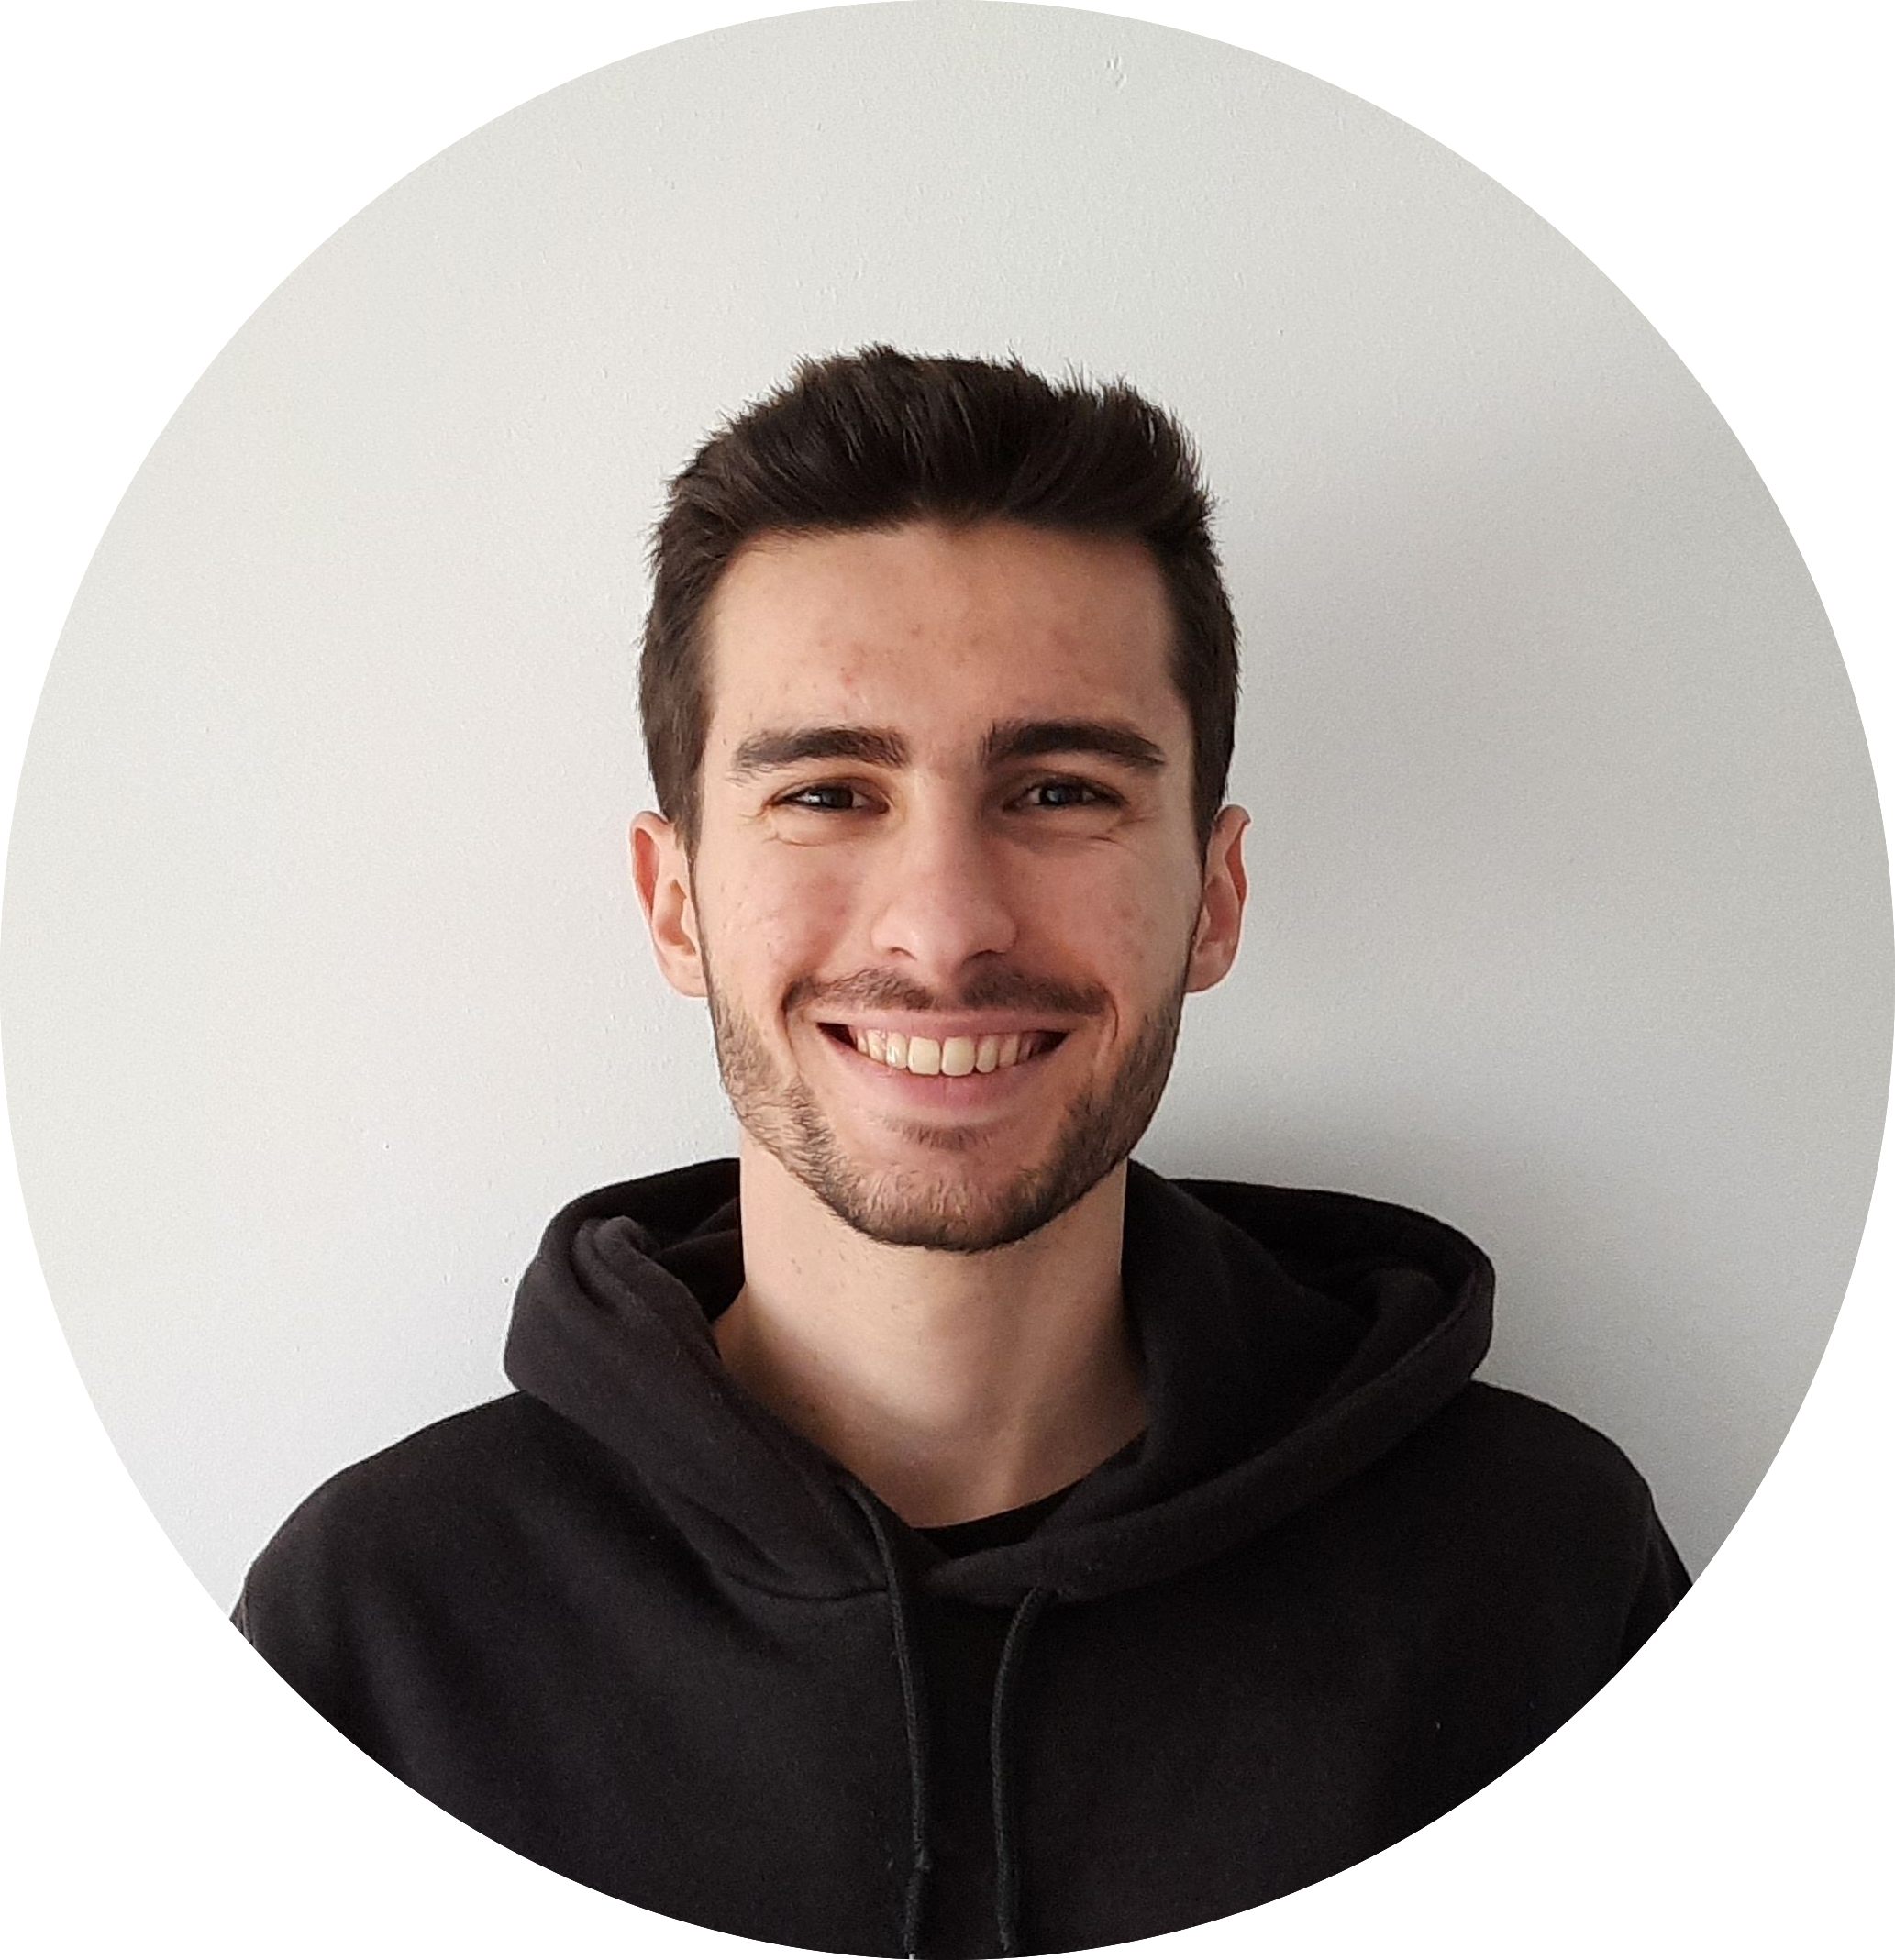 Mitarbeiter von Angsa-Robotics: Daniel San Josè Pro, zuständig für Pick Up System